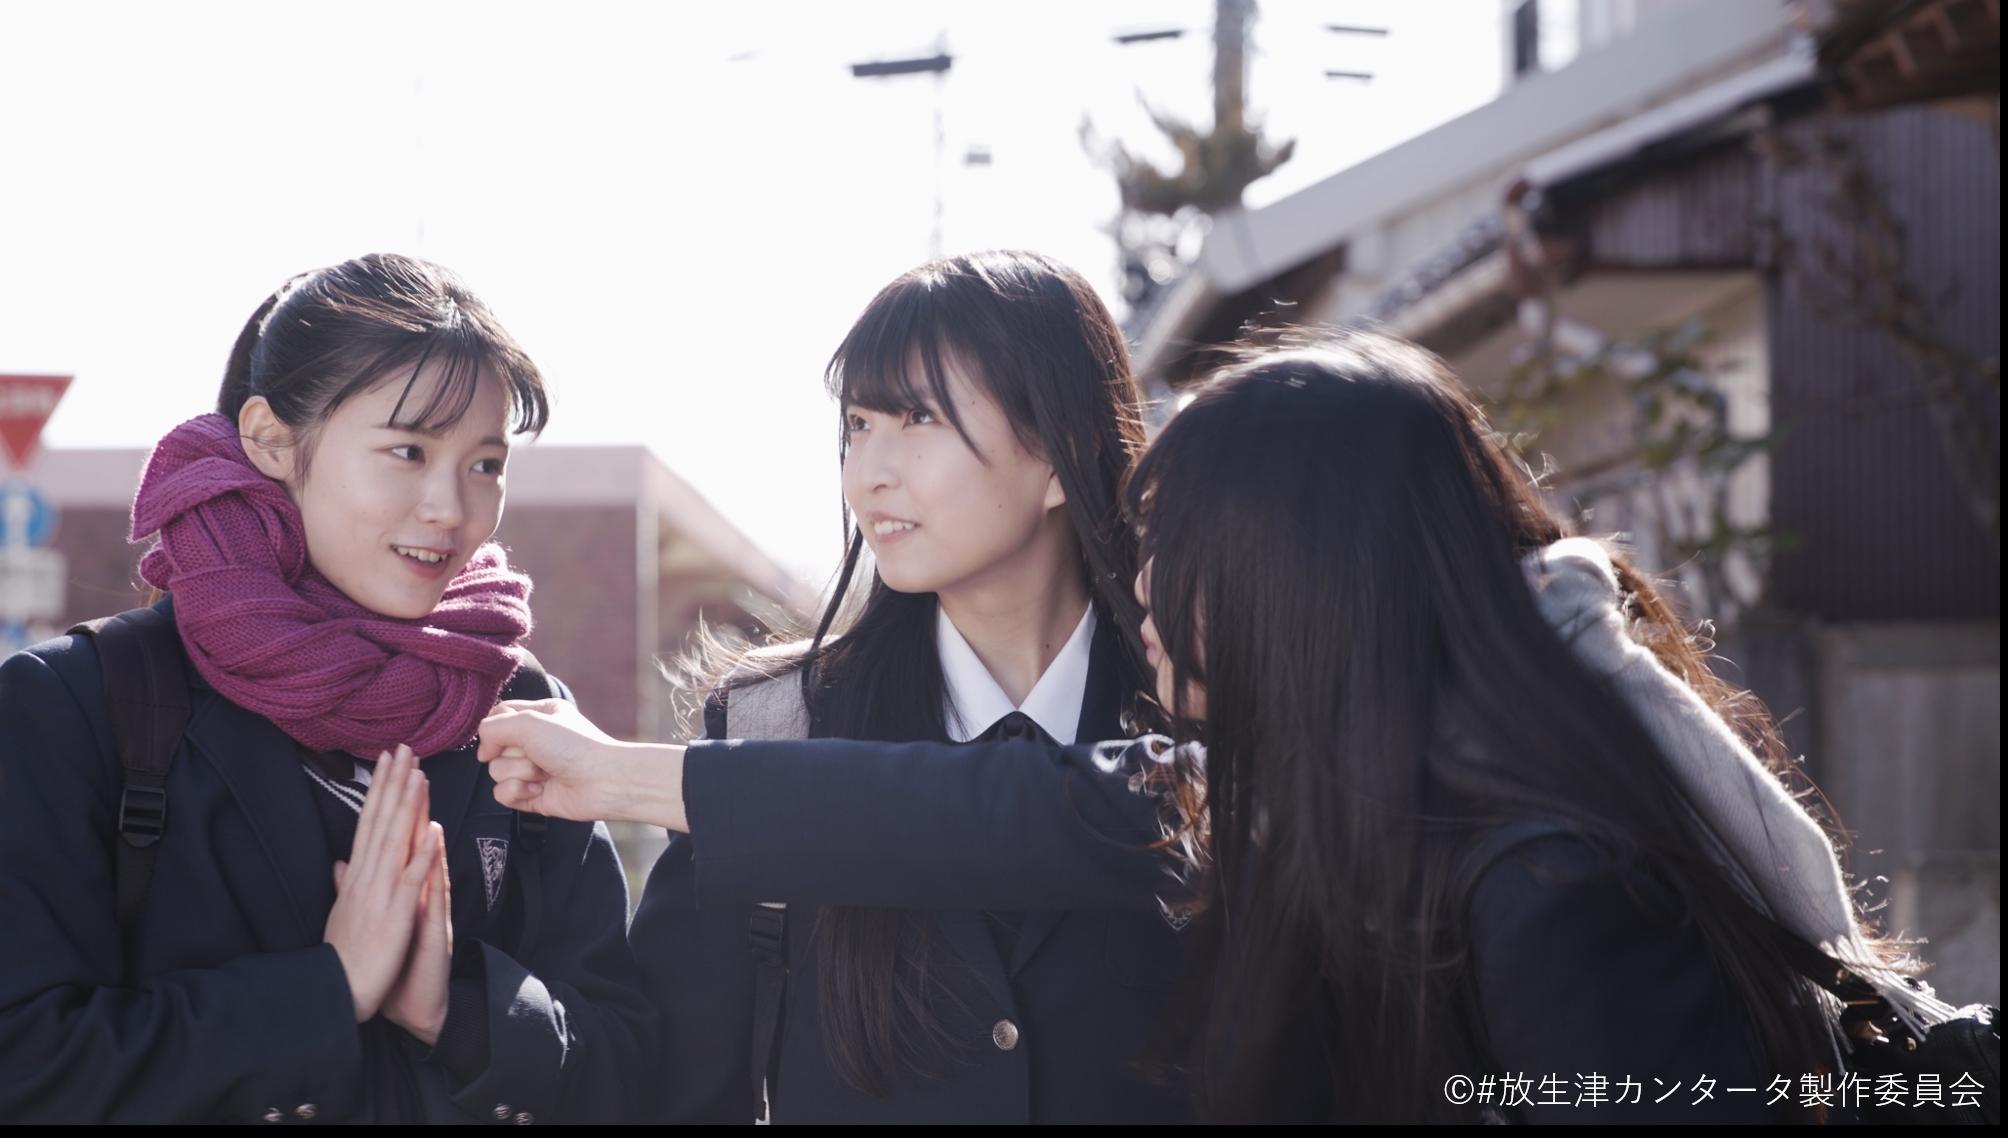 安藤千伽奈・三村妃乃・小越春花 ©️#放生津カンタータ製作委員会